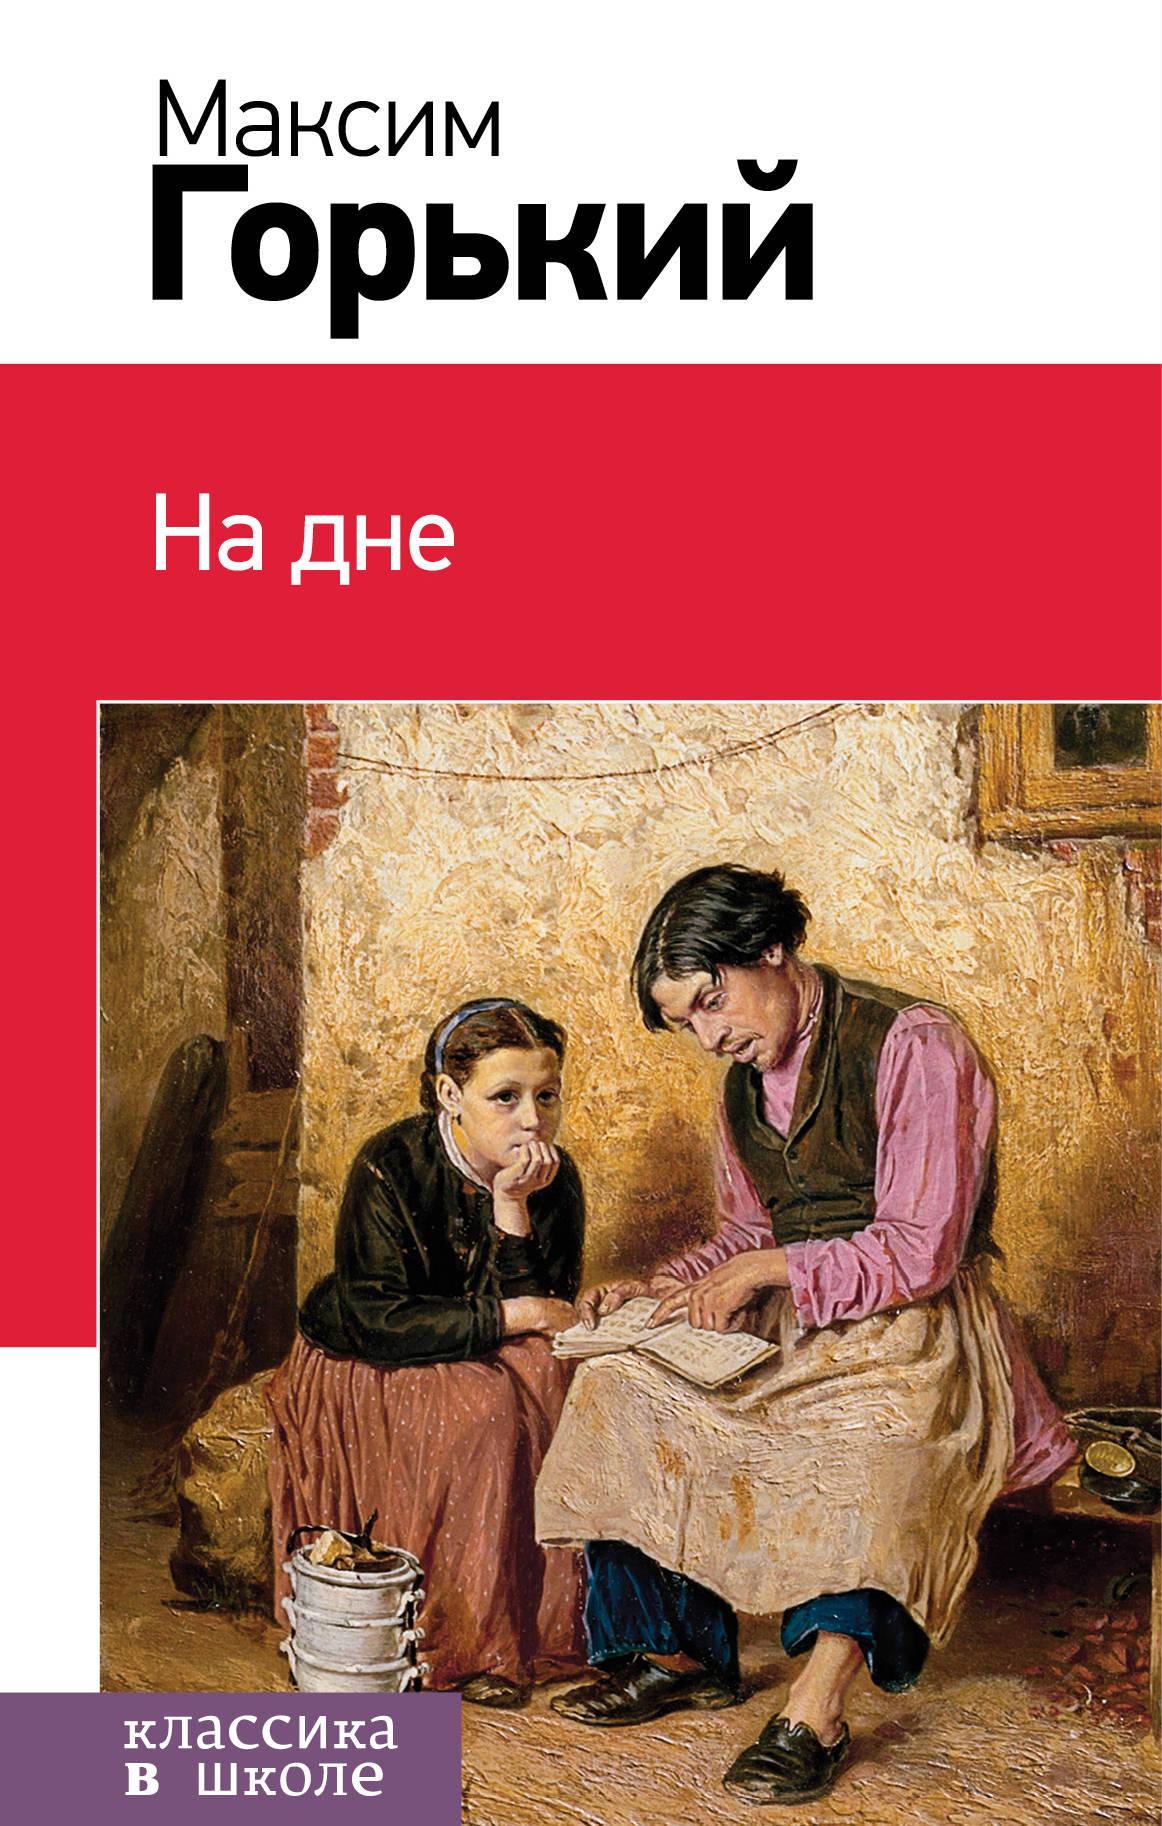 Максим Горький На дне ISBN: 978-5-04-092620-6 олег лекманов максим горький пьеса на дне